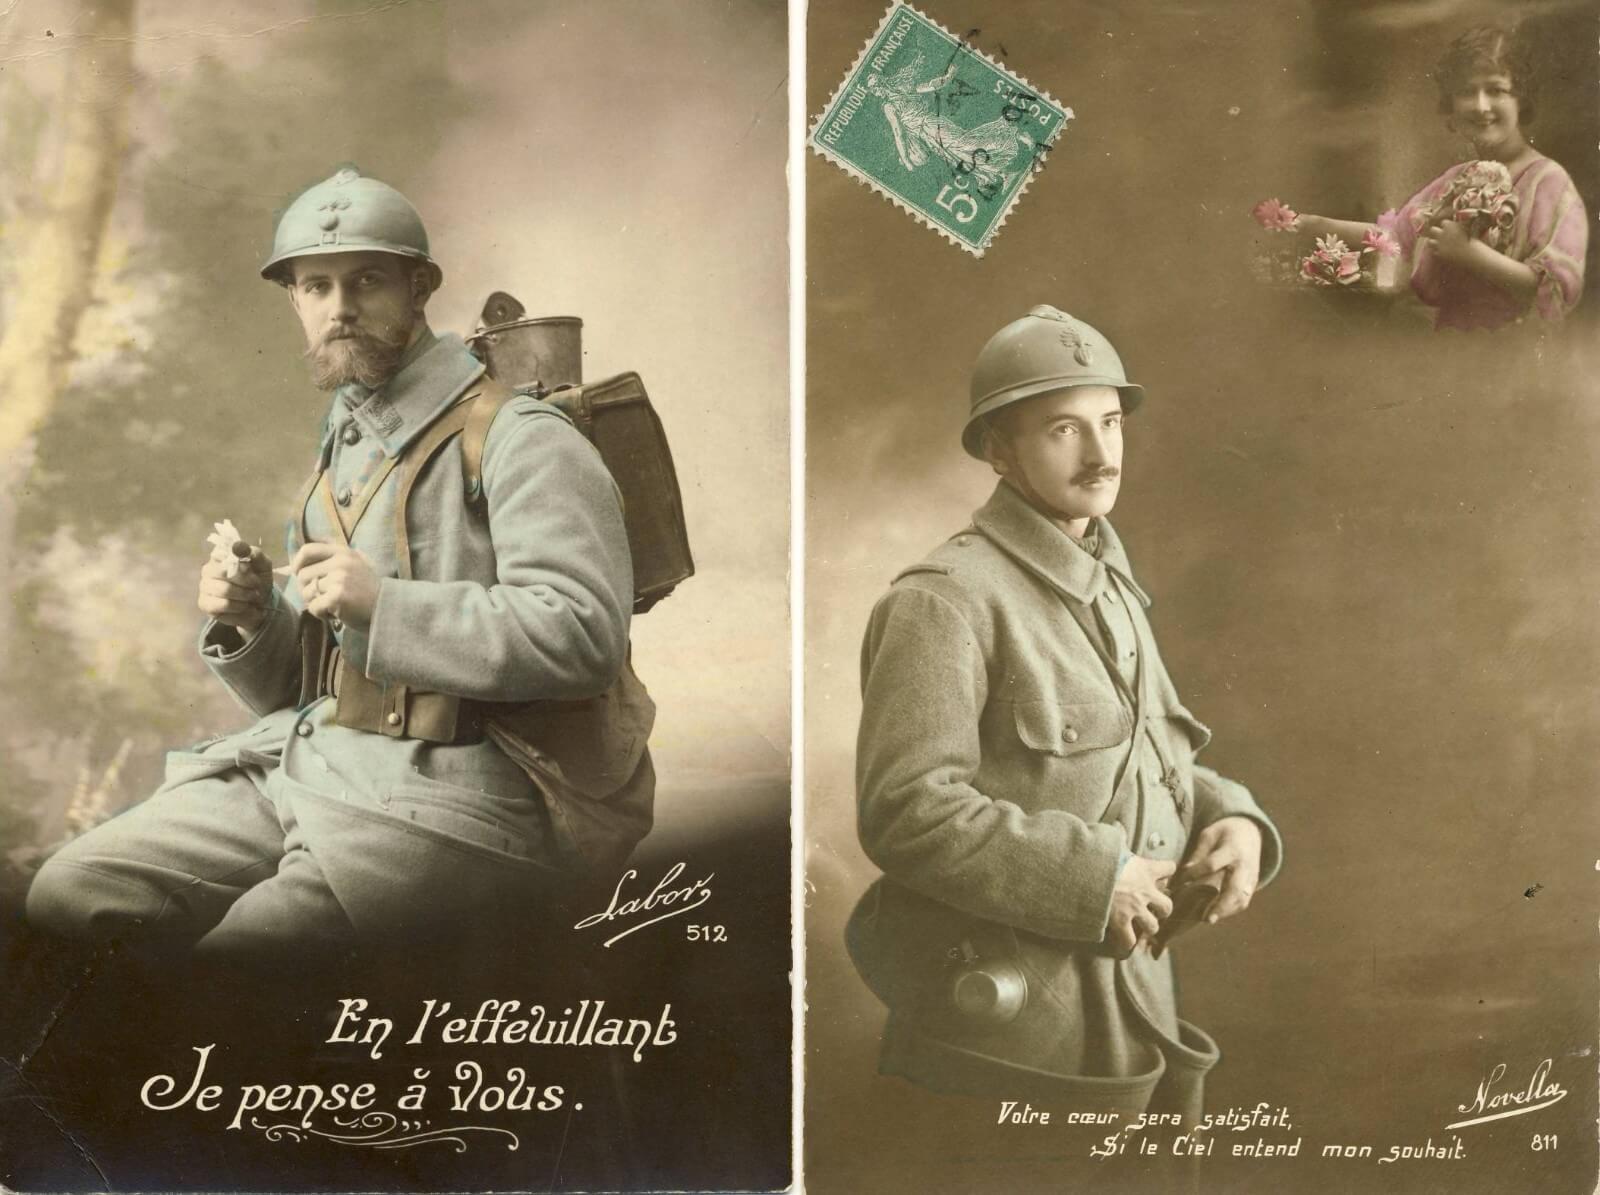 Színezett fekete-fehér képeslap francia katonákról teljes hadifelszerelésben az első világháború idejéről, üdvözlet az otthonmaradottaknak. Ezeket a hadiképeslapokat kedves üzenetek, mondások, versek díszítették.